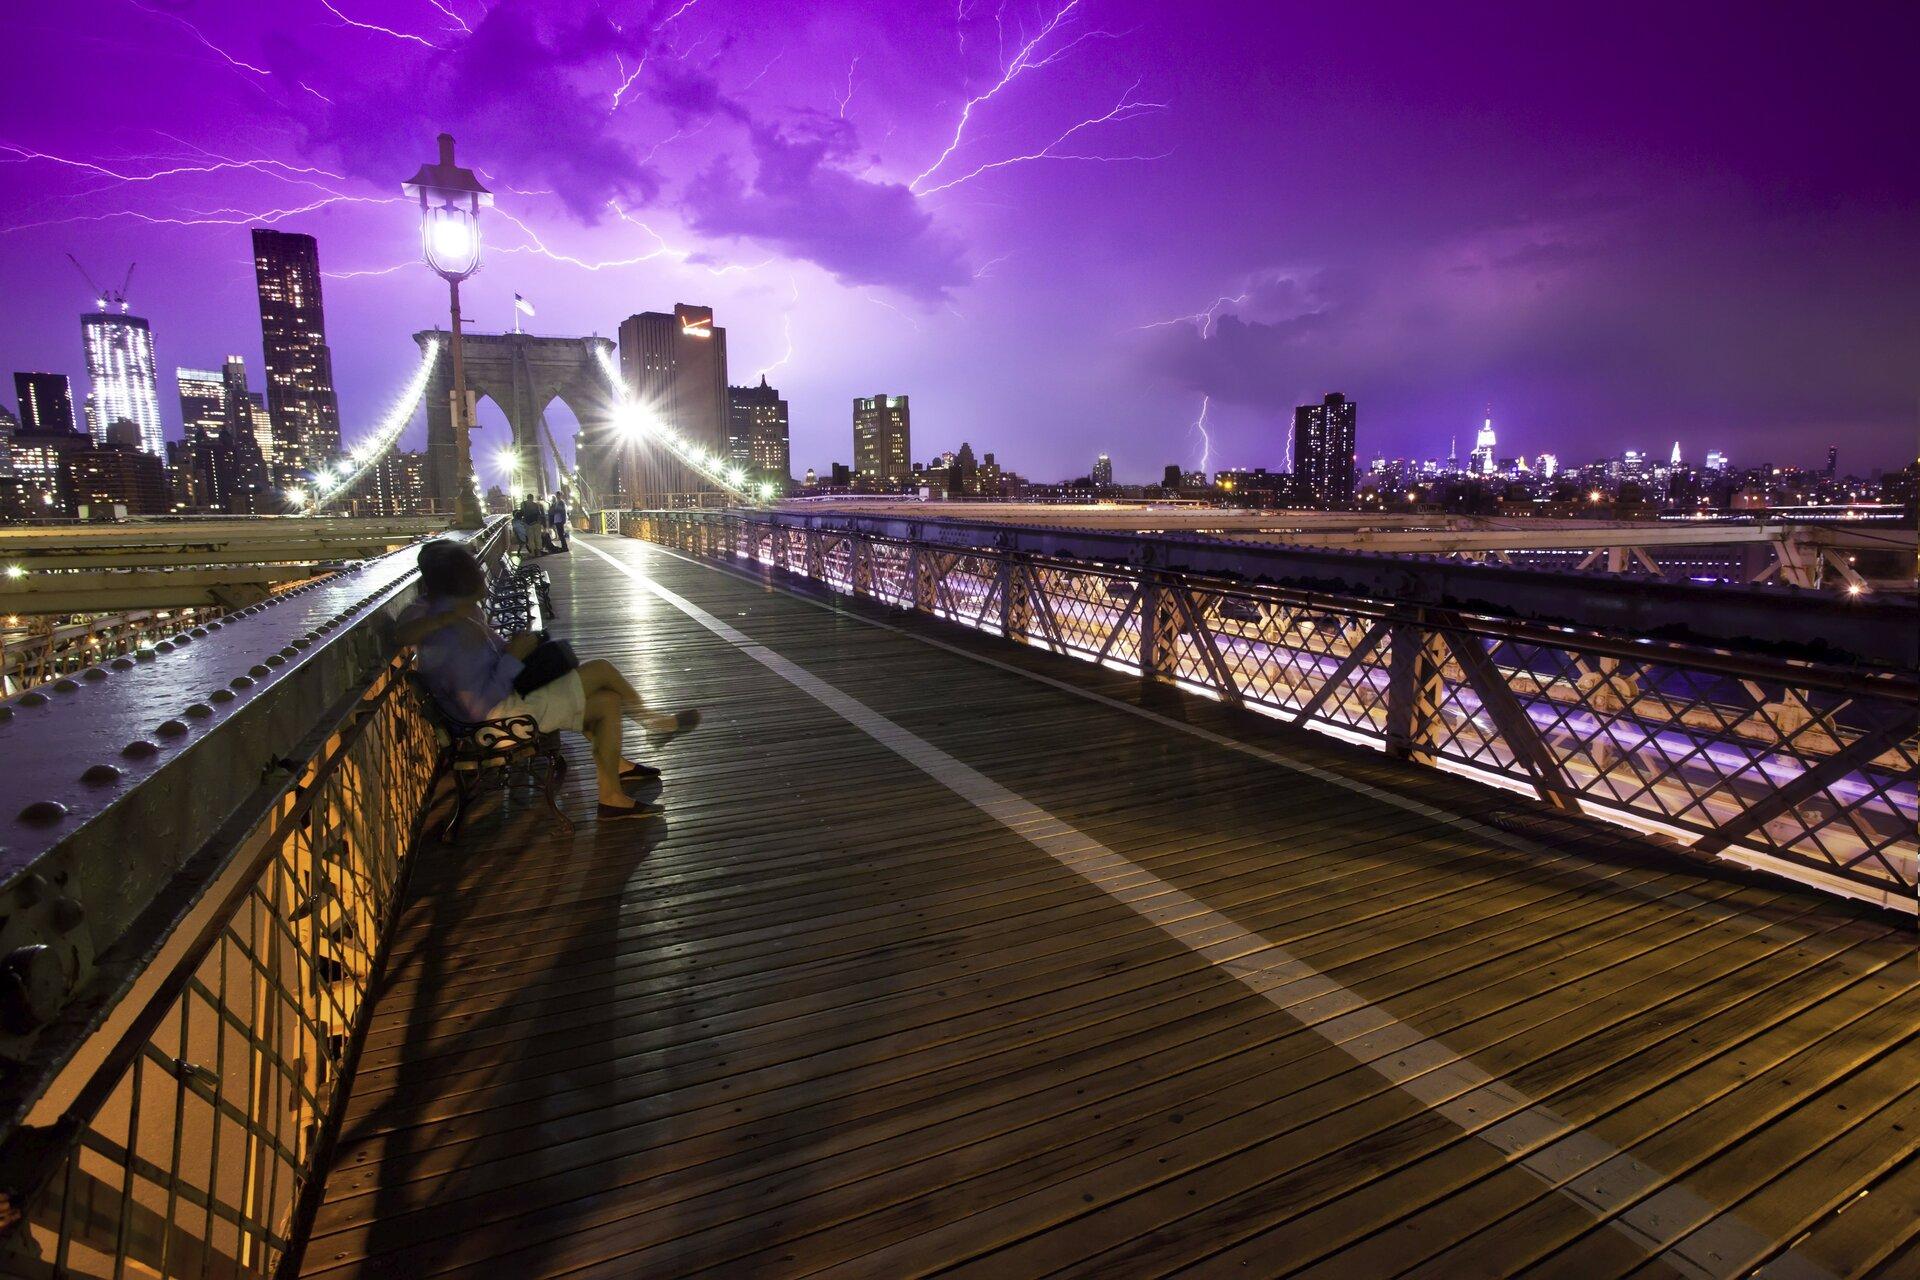 Zdjęcie przedstawia niecodzienną scenę. Noc, panorama Nowego Jorku zmostem brooklyńskim wcentrum kadru. Daleko wtle światła Manhattanu, na pierwszym planie pomost zławkami na przedłużeniu którego woddali znajduje się centralna część mostu. Pierwsza ławka zajęta przez siedzącą na niej kobietę. Widoczne światła wielkiego miasta oraz oświetlenie mostu ilatarnie przy kładce. Niebo pochmurne wkolorze fioletu, całe poprzecinane błyskawicami odległej burzy.